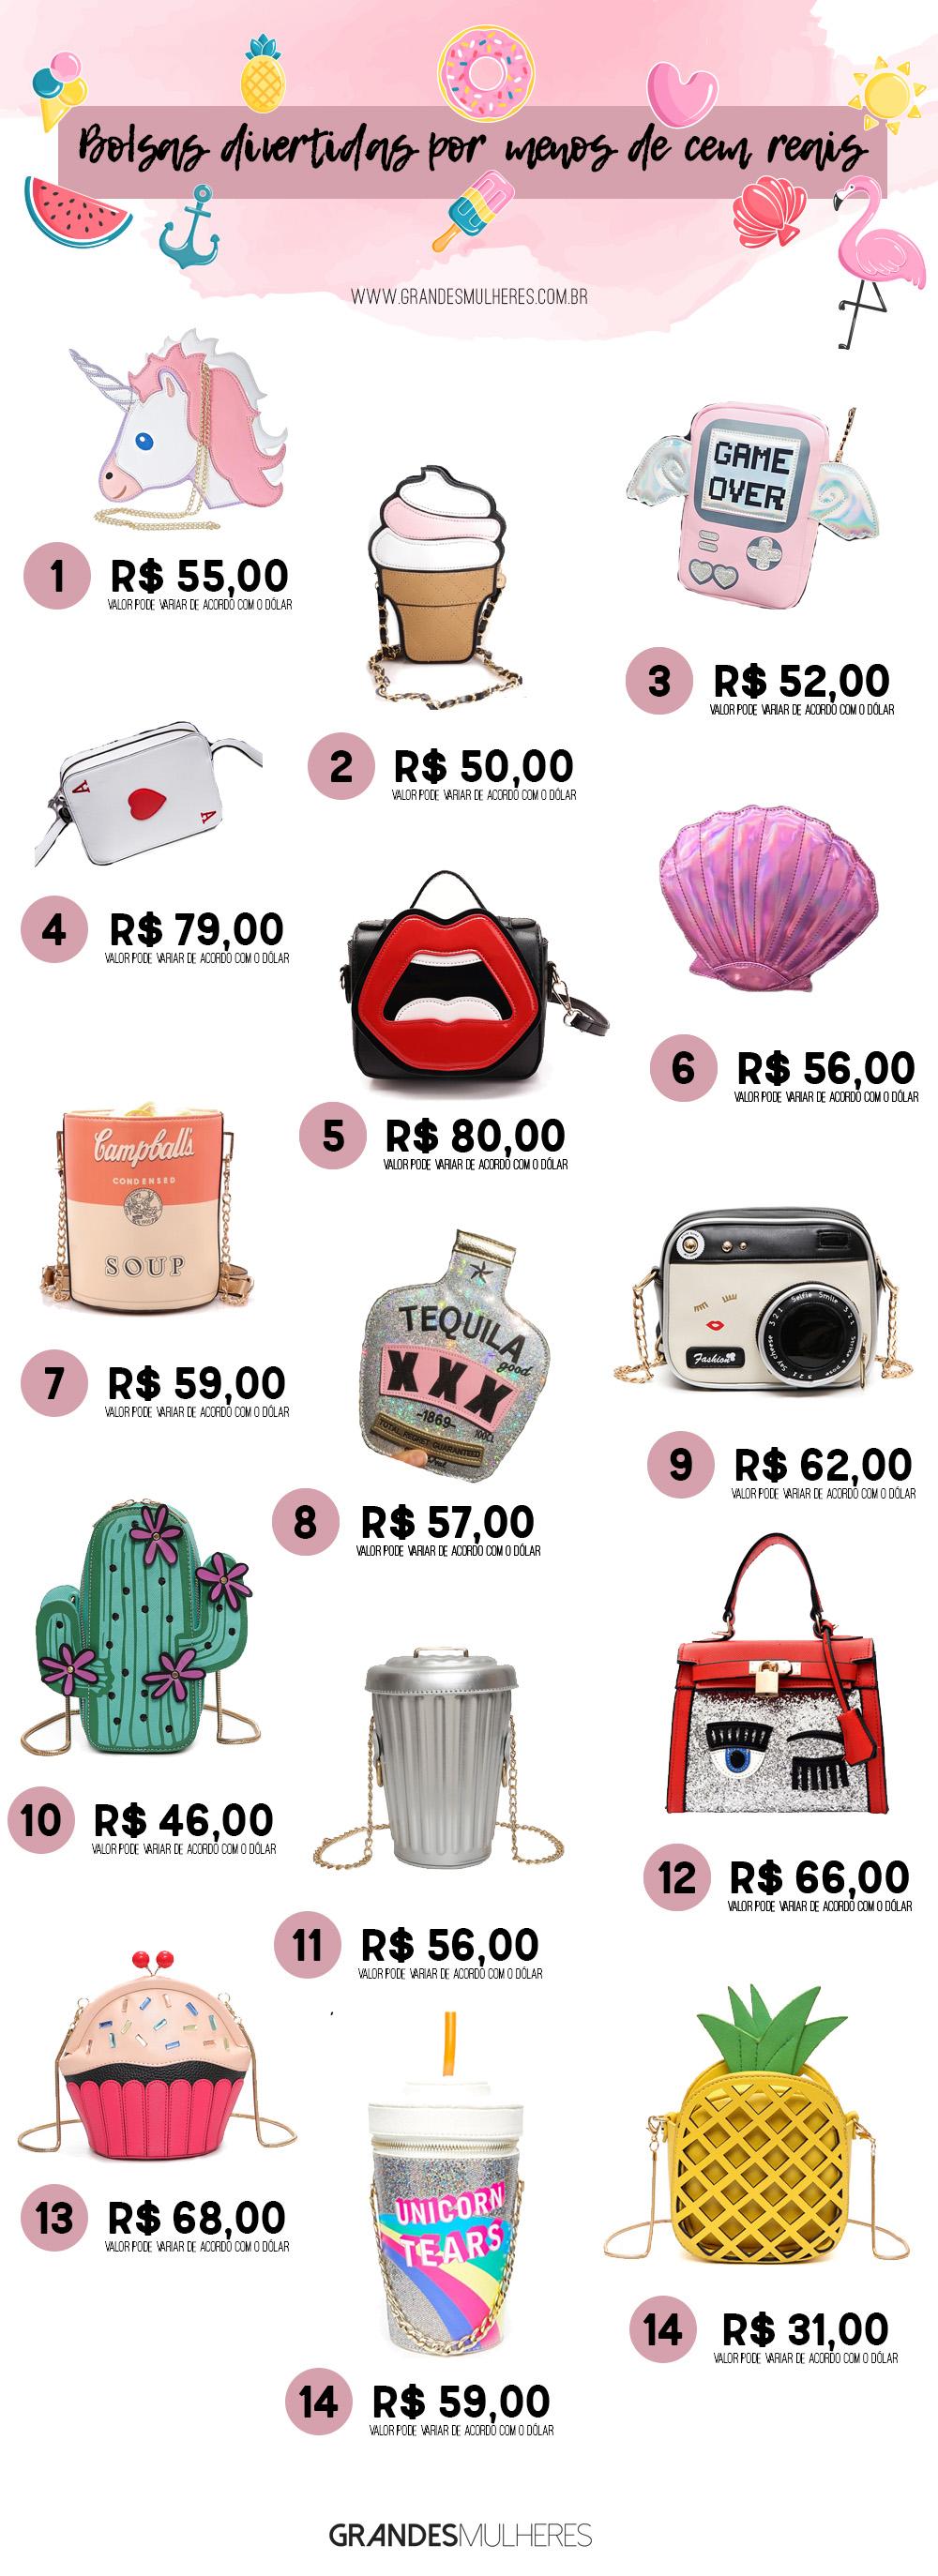 Bolsas divertidas por menos de cem reais, bolsas divertidas, fun handbags, fun bags, onde comprar bolsas divertidas